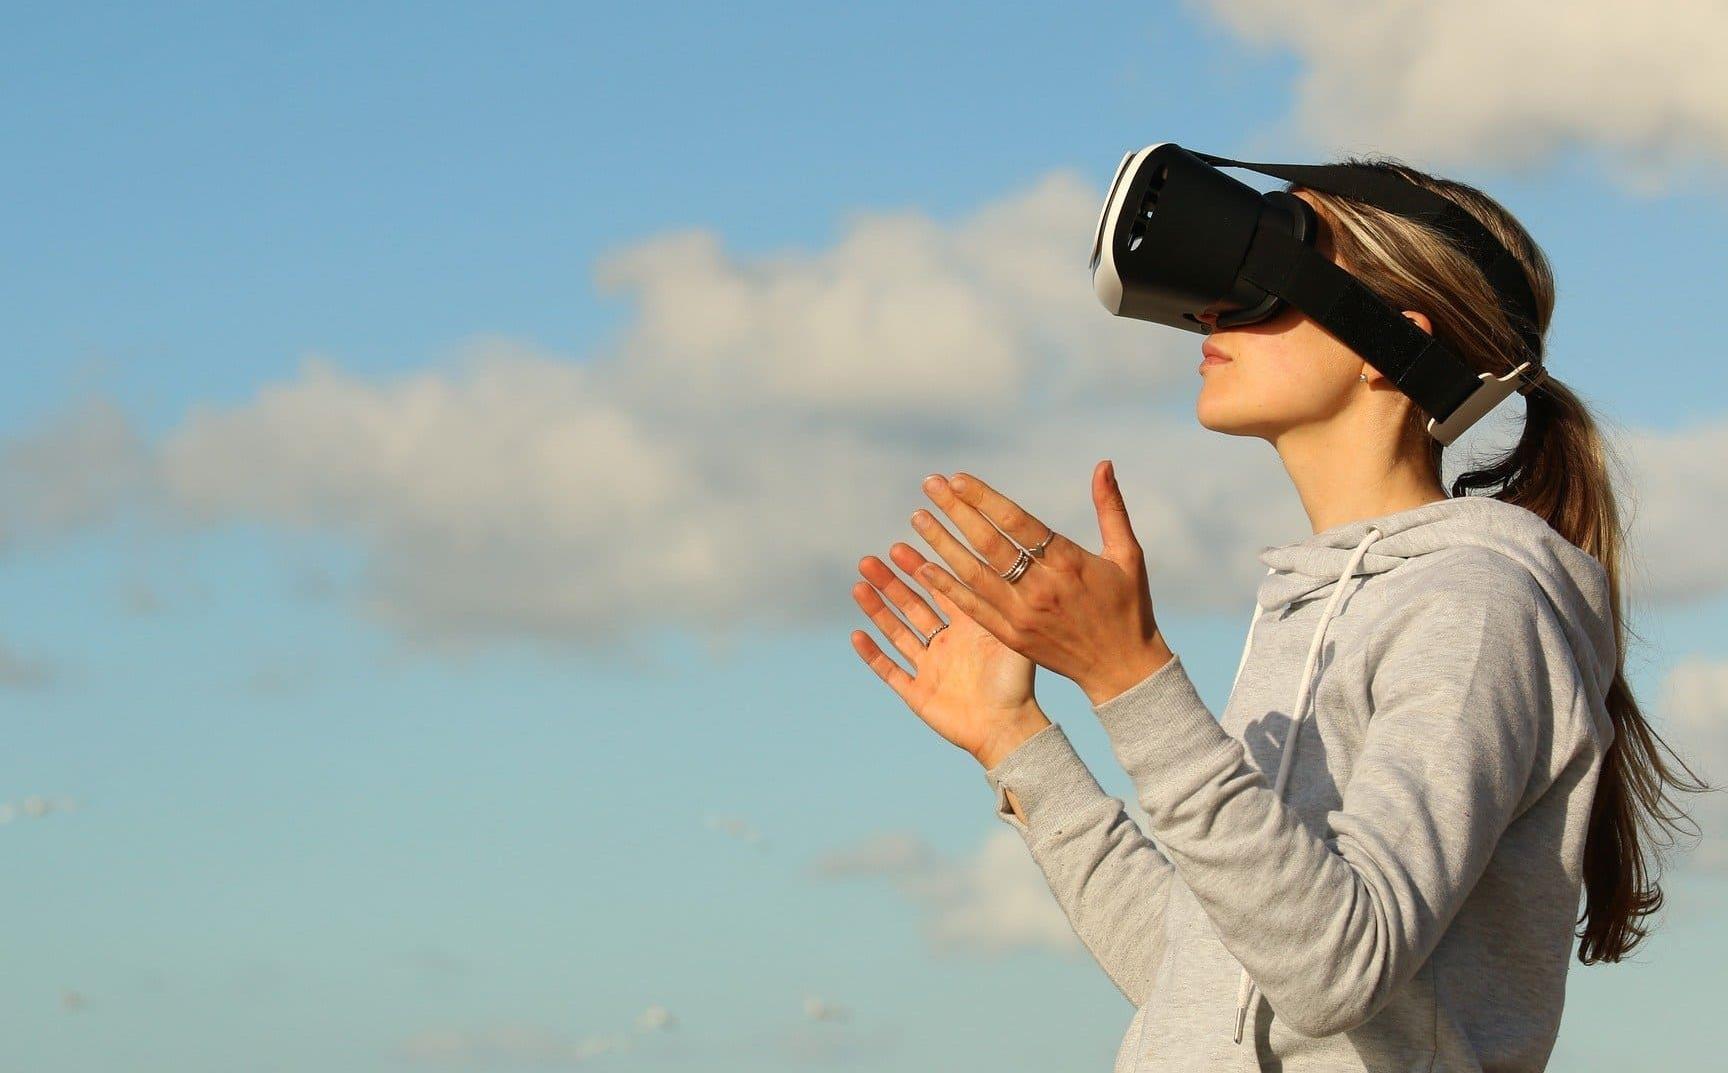 Архитектор виртуальной реальности (Архитектор VR)